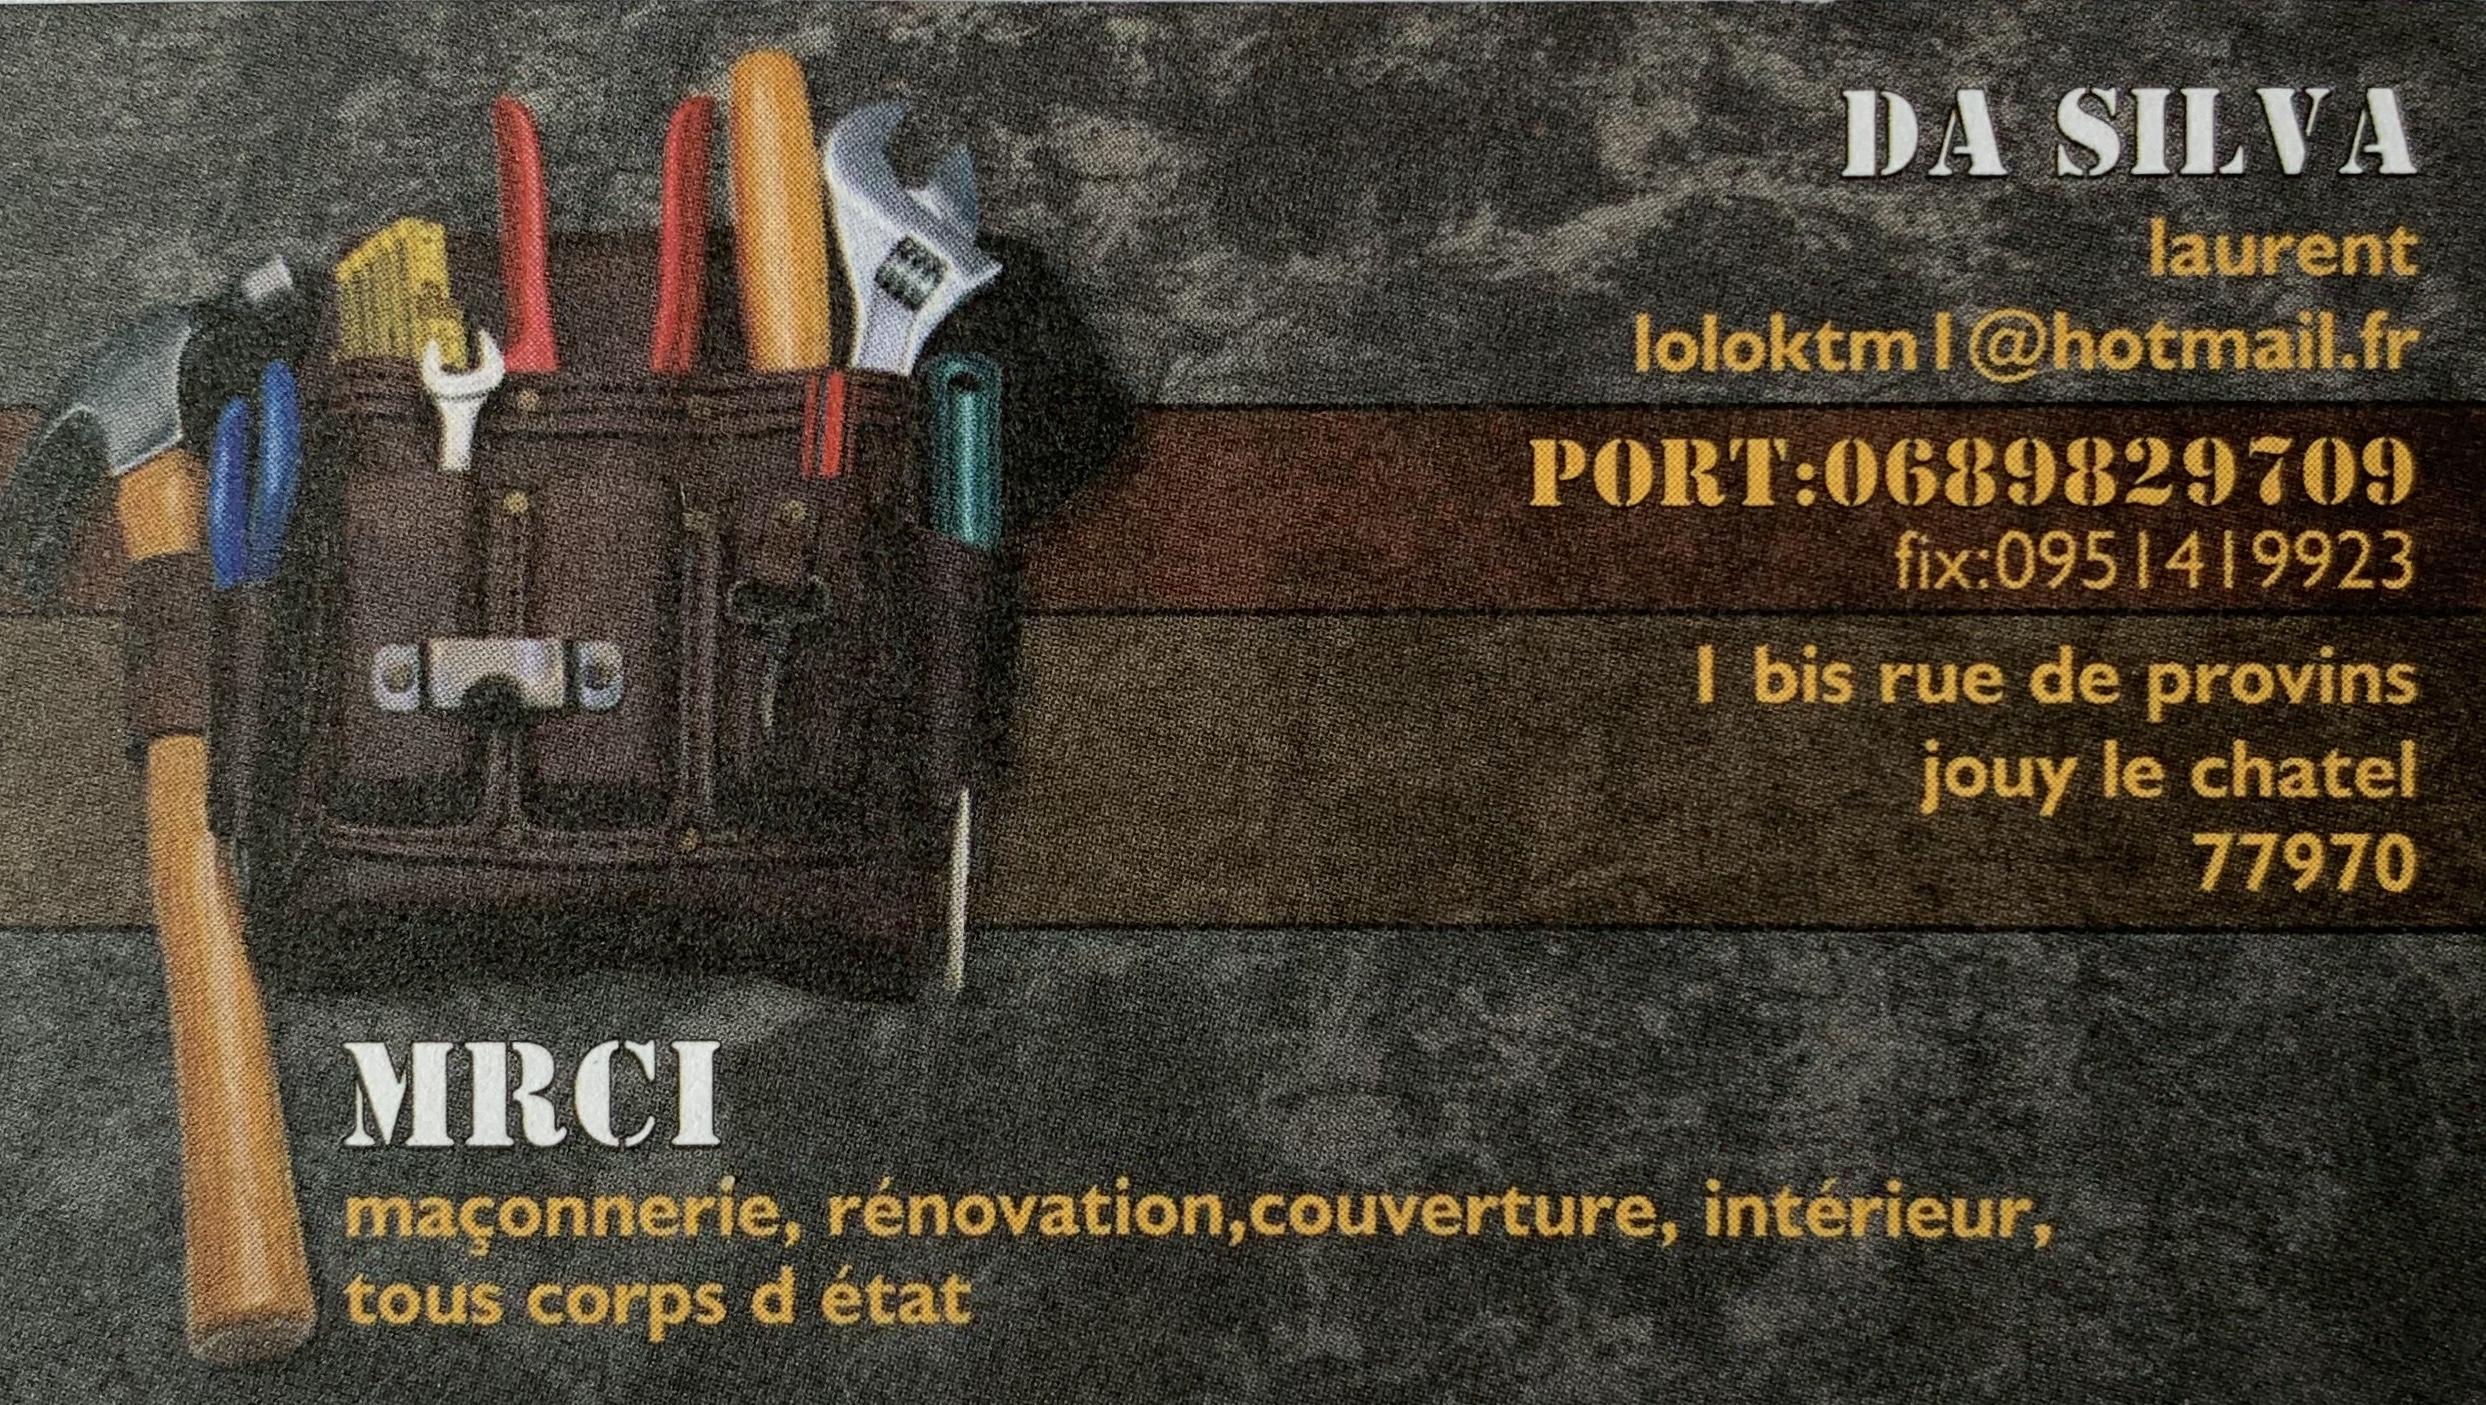 Carte MRC Da silva